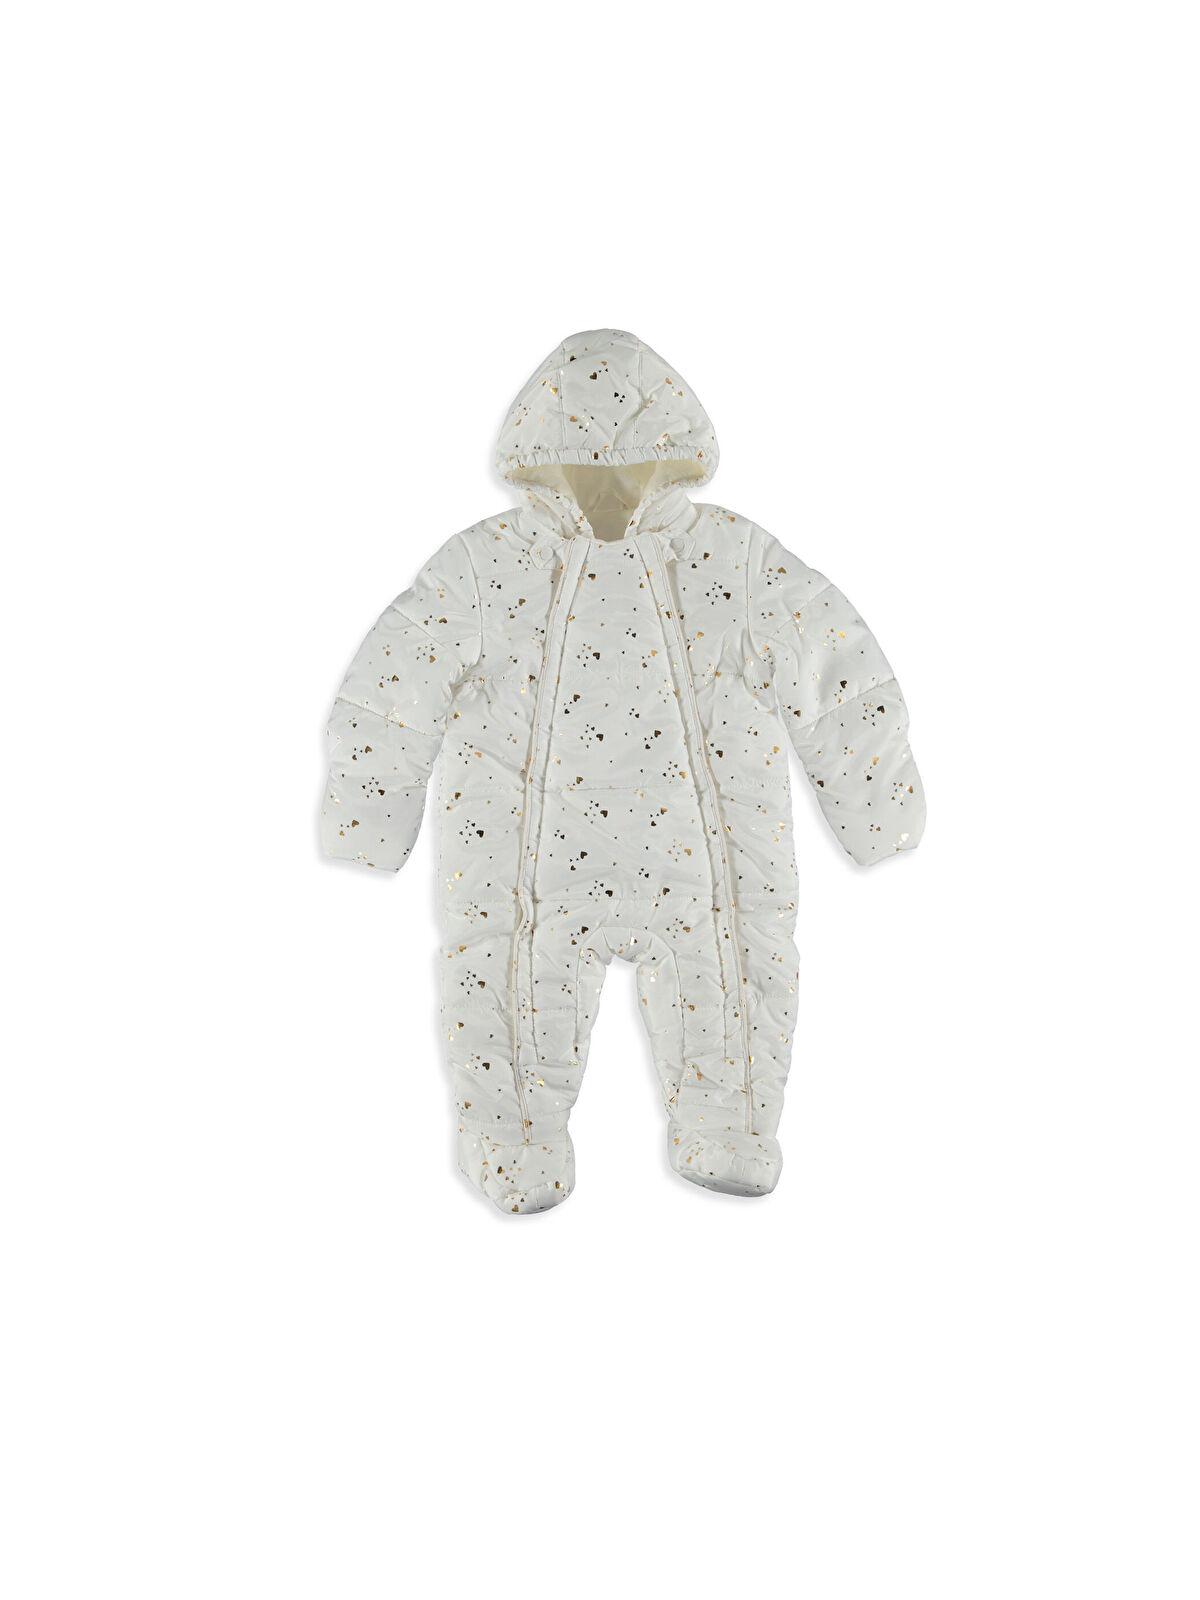 Kız Bebek Polar Astarlı Kalın Astronot Mont - LC WAIKIKI